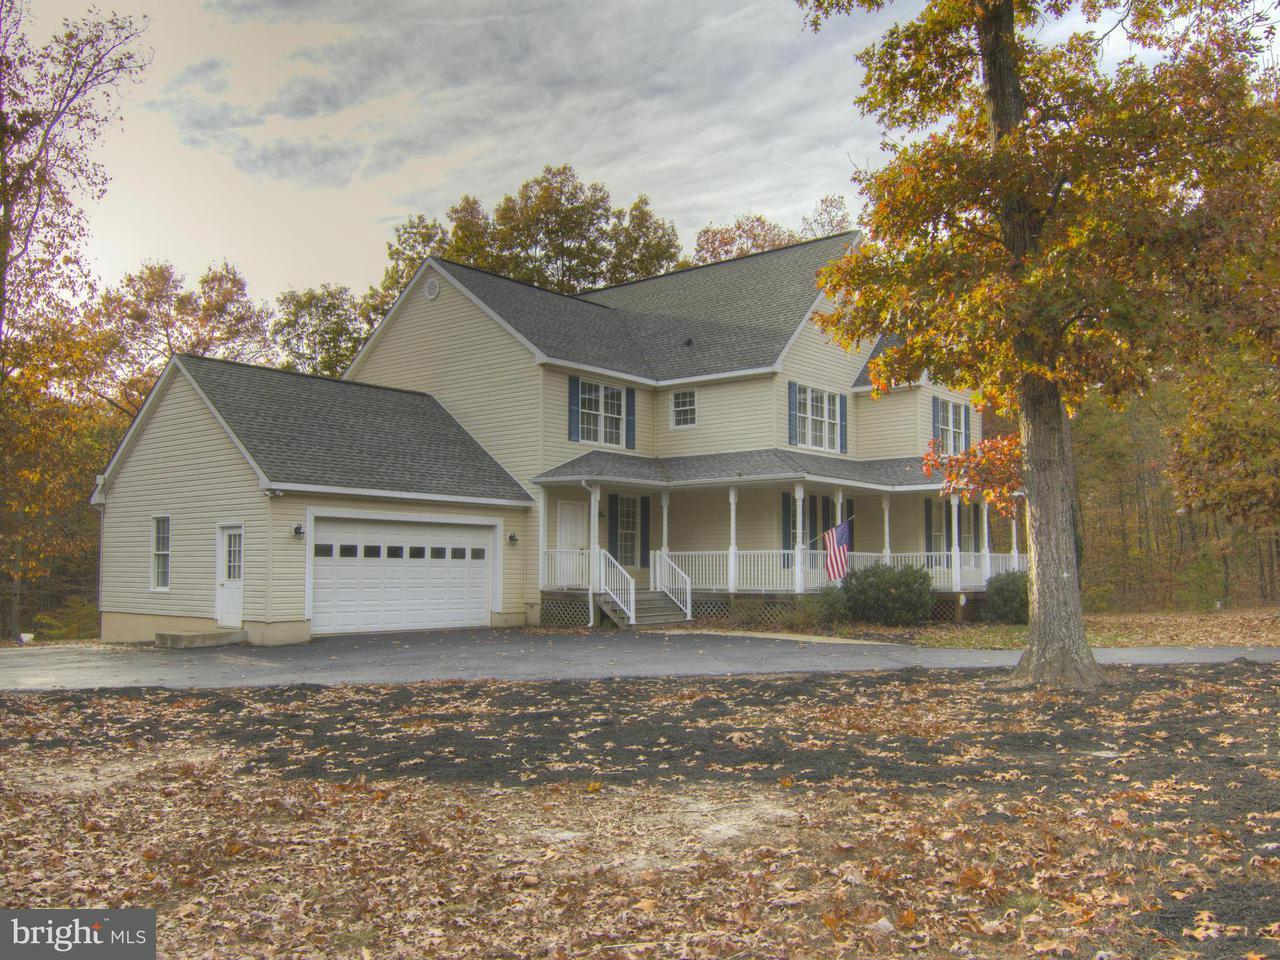 Maison unifamiliale pour l Vente à 2782 HENSLEY Road 2782 HENSLEY Road Mineral, Virginia 23117 États-Unis